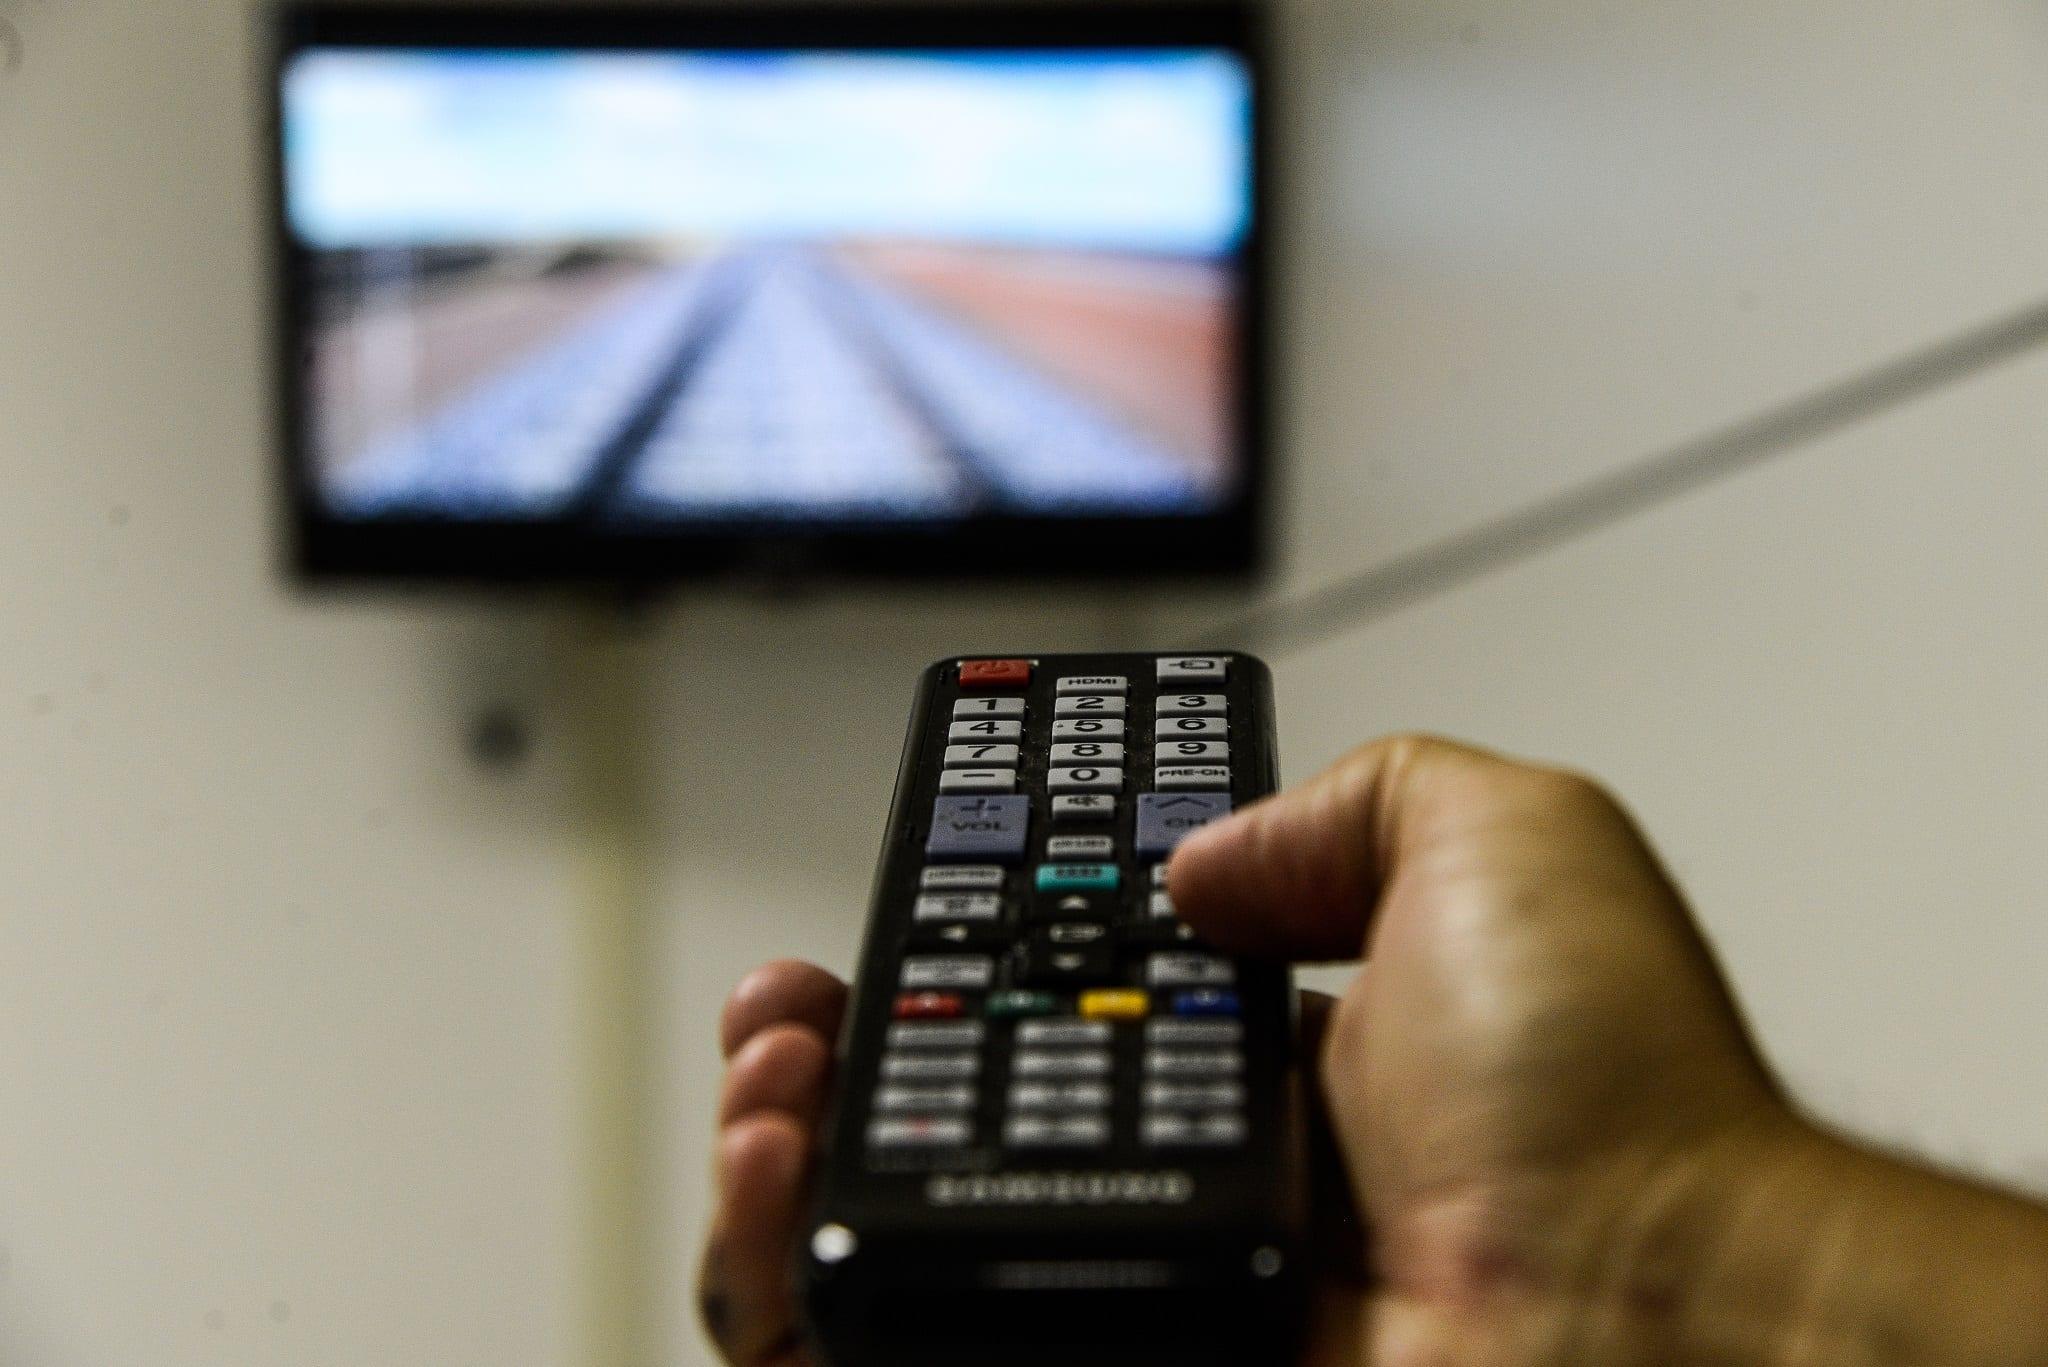 Controle remoto e televisão - foto de Valter Campanato - EBC)